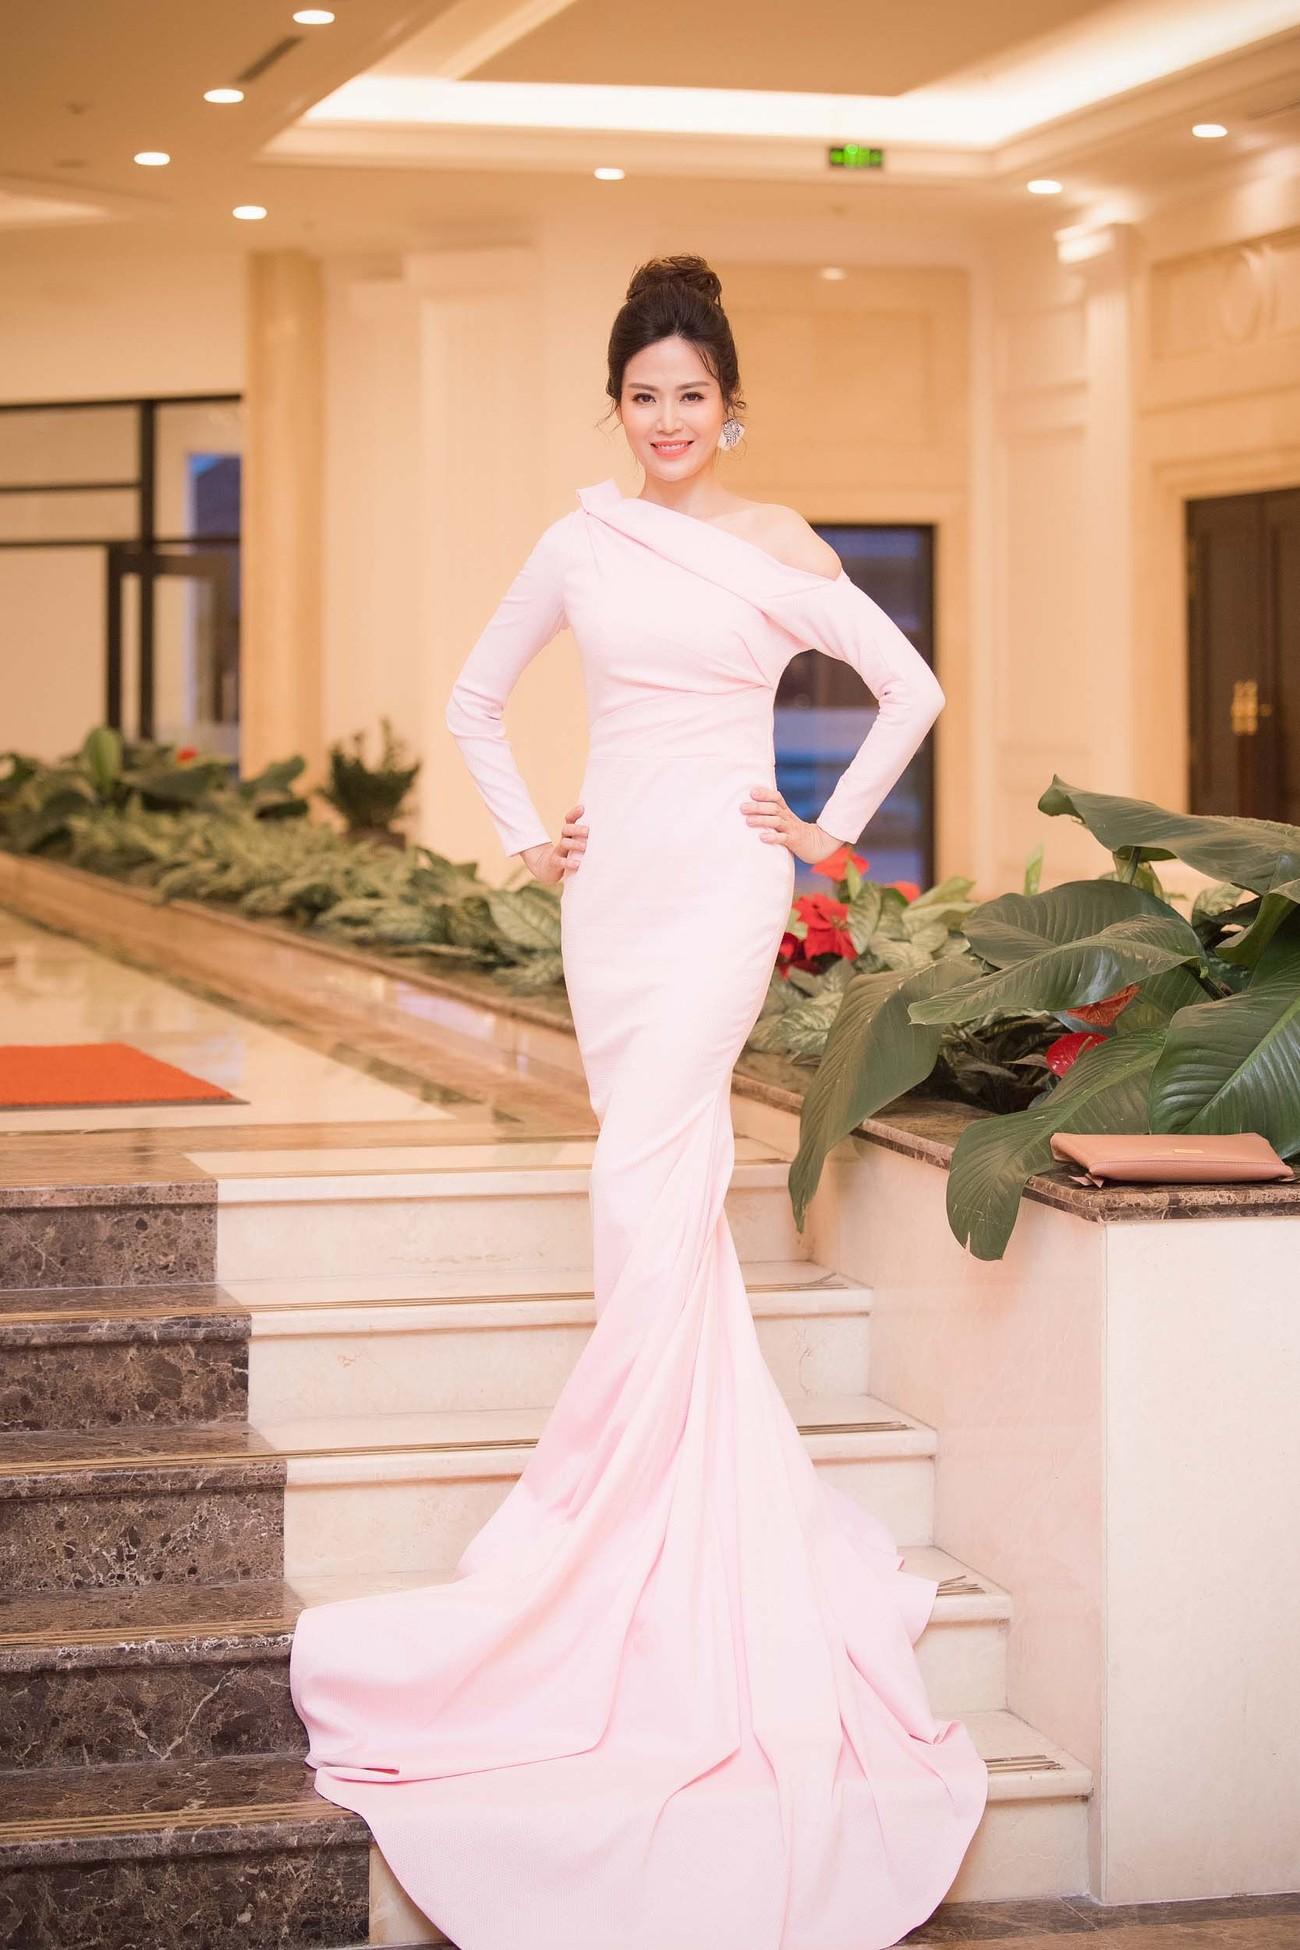 Hoa hậu Thu Thuỷ tái xuất, hội ngộ cùng dàn Hoa, Á hậu đình đám ảnh 1